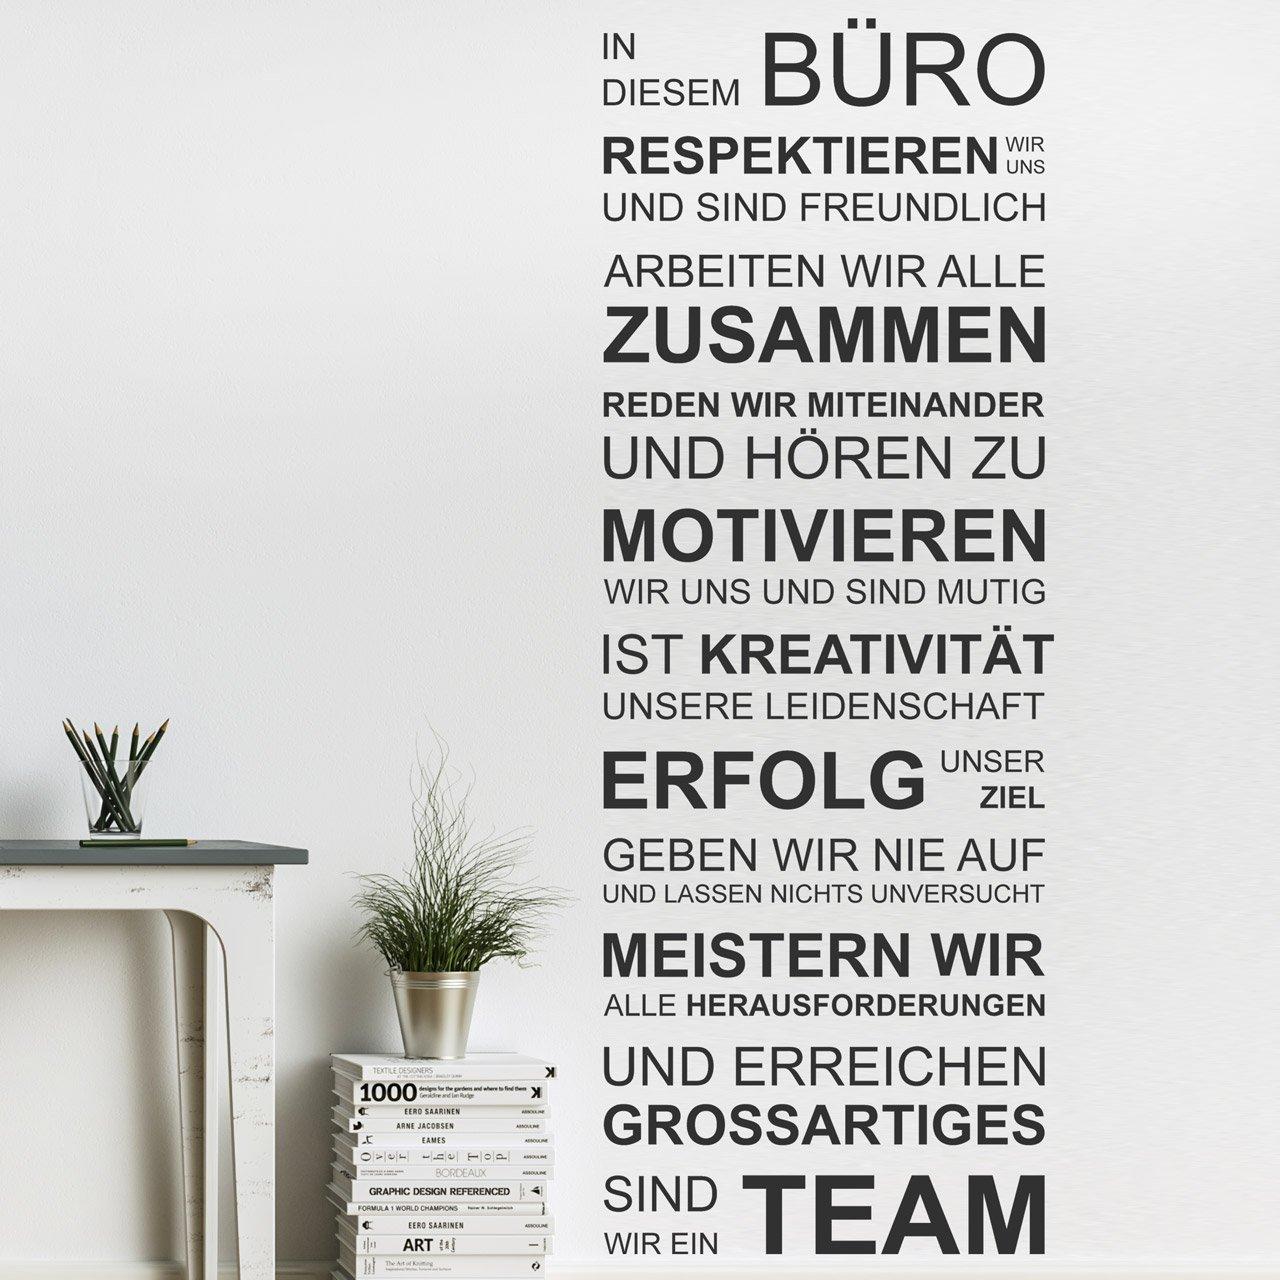 DESIGNSCAPE® Wandtattoo In diesem Büro Büro Büro respektieren wir uns, arbeiten wir alle zusammen, geben wir nie auf, sind wir ein Team... 67 x 180 cm (Breite x Höhe) schwarz DW801462-L-F4 B01DT7FUJG Wandtattoos & Wandbilder f3709a